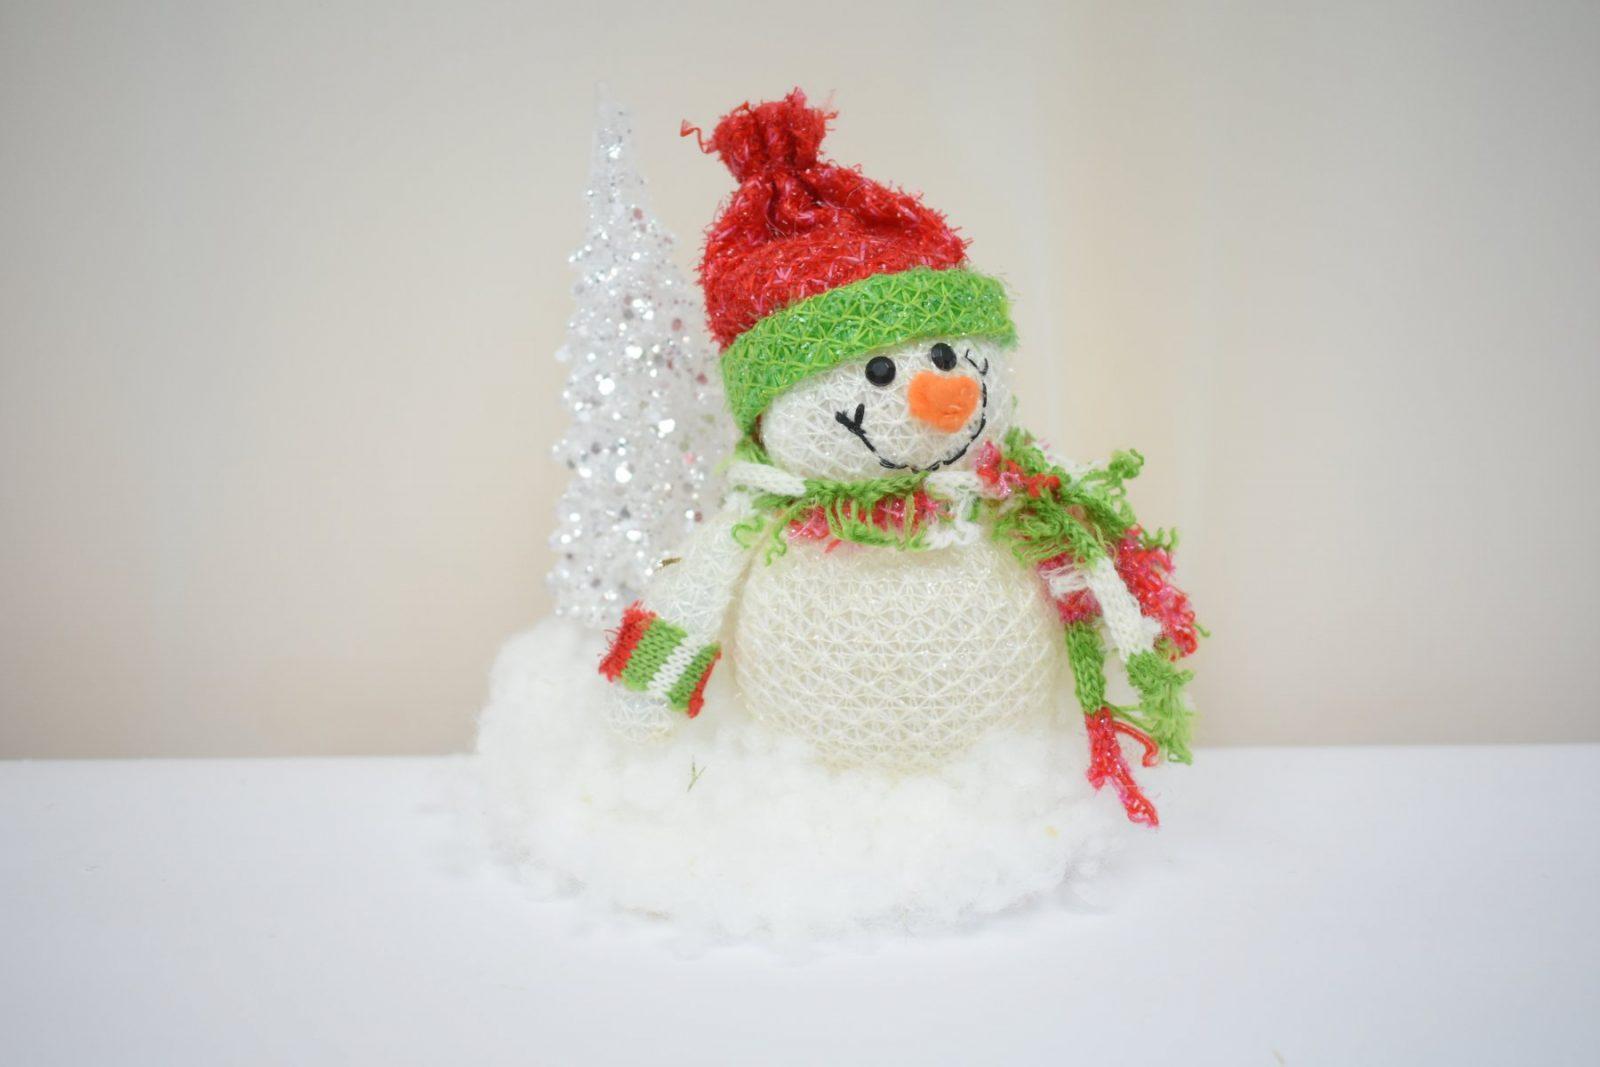 Выставка Снеговик - Заповедный снеговик. Фото Н.С. Просворниной